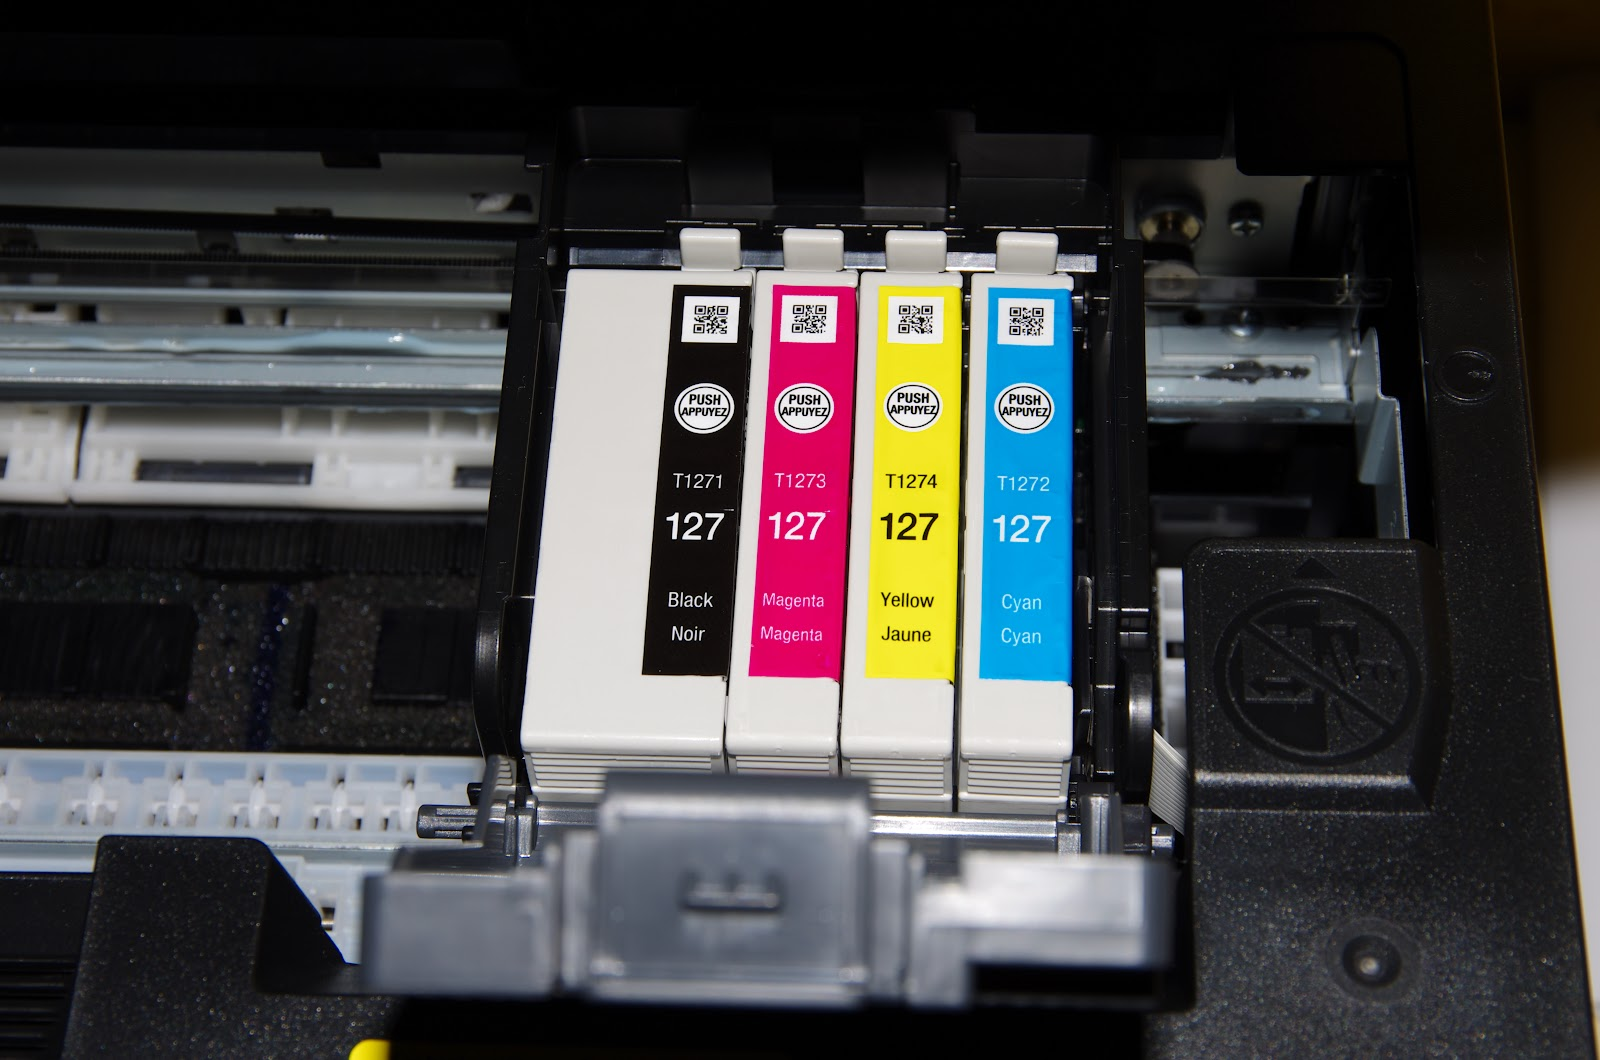 Quatre cartouches d'encre (noir, magenta, jaune et cyan) dans une imprimante Epson